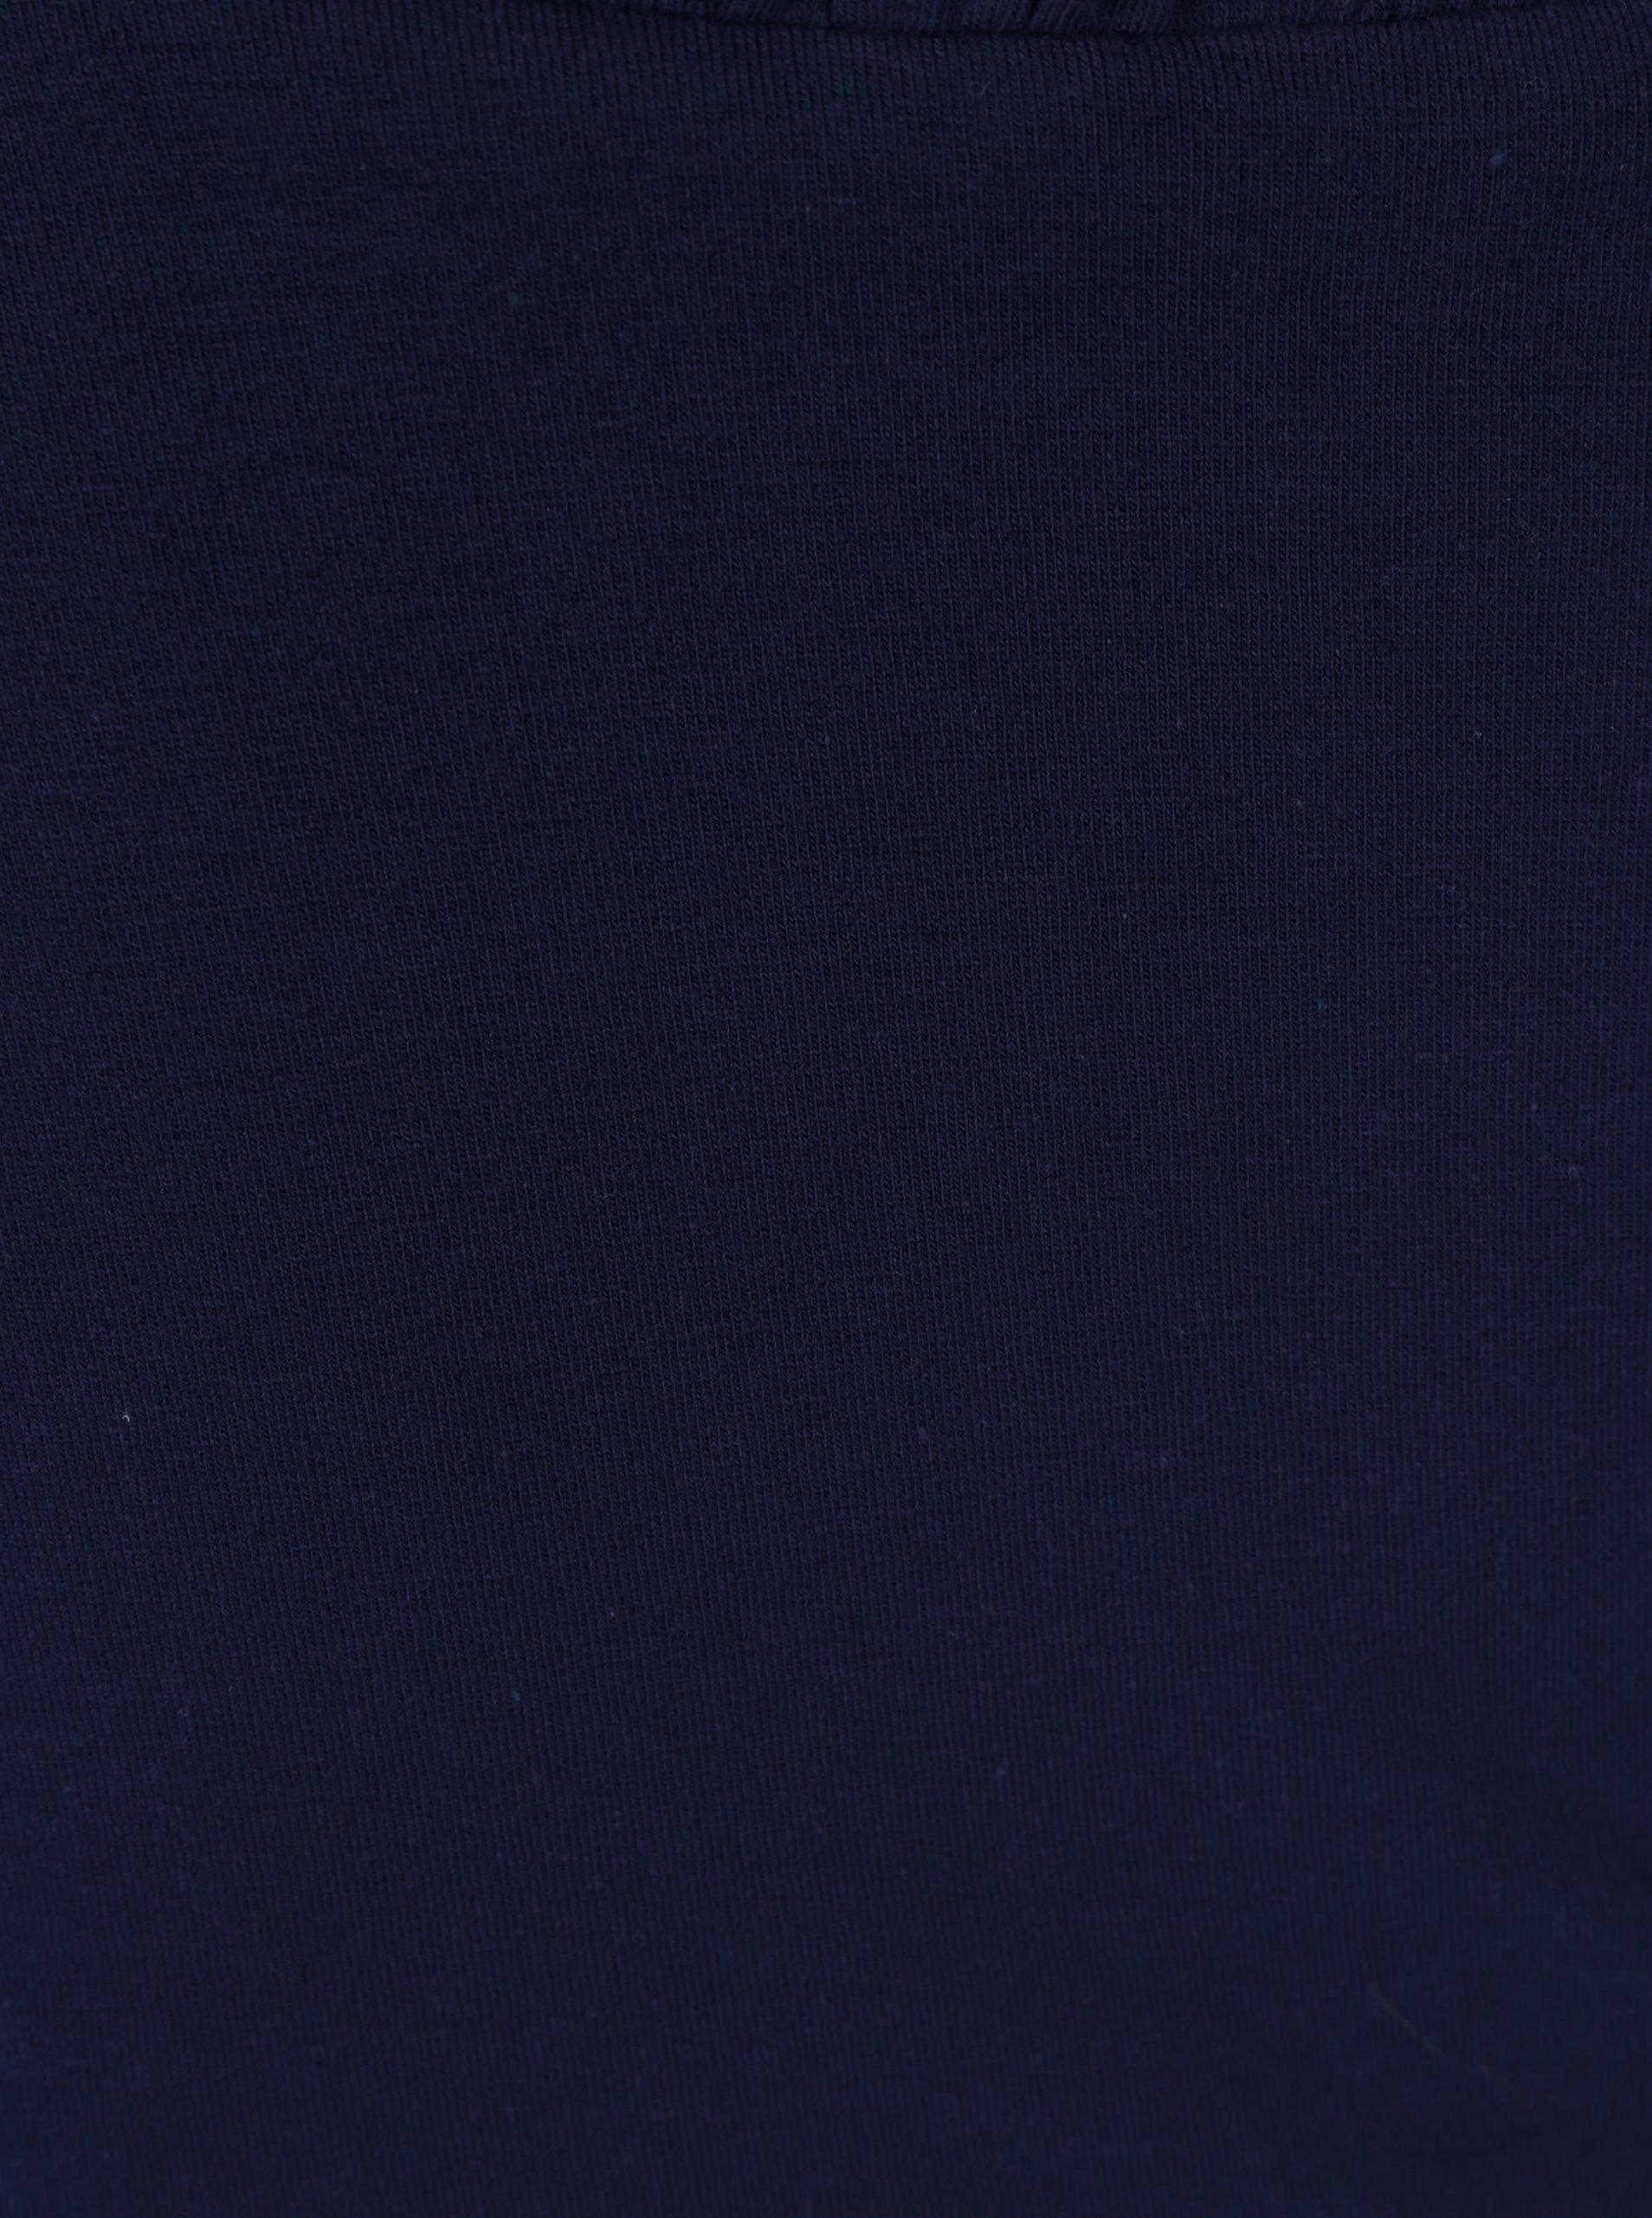 Tmavě modré holčičí bolerko North Pole Kids - Akční cena  ec0a08520b